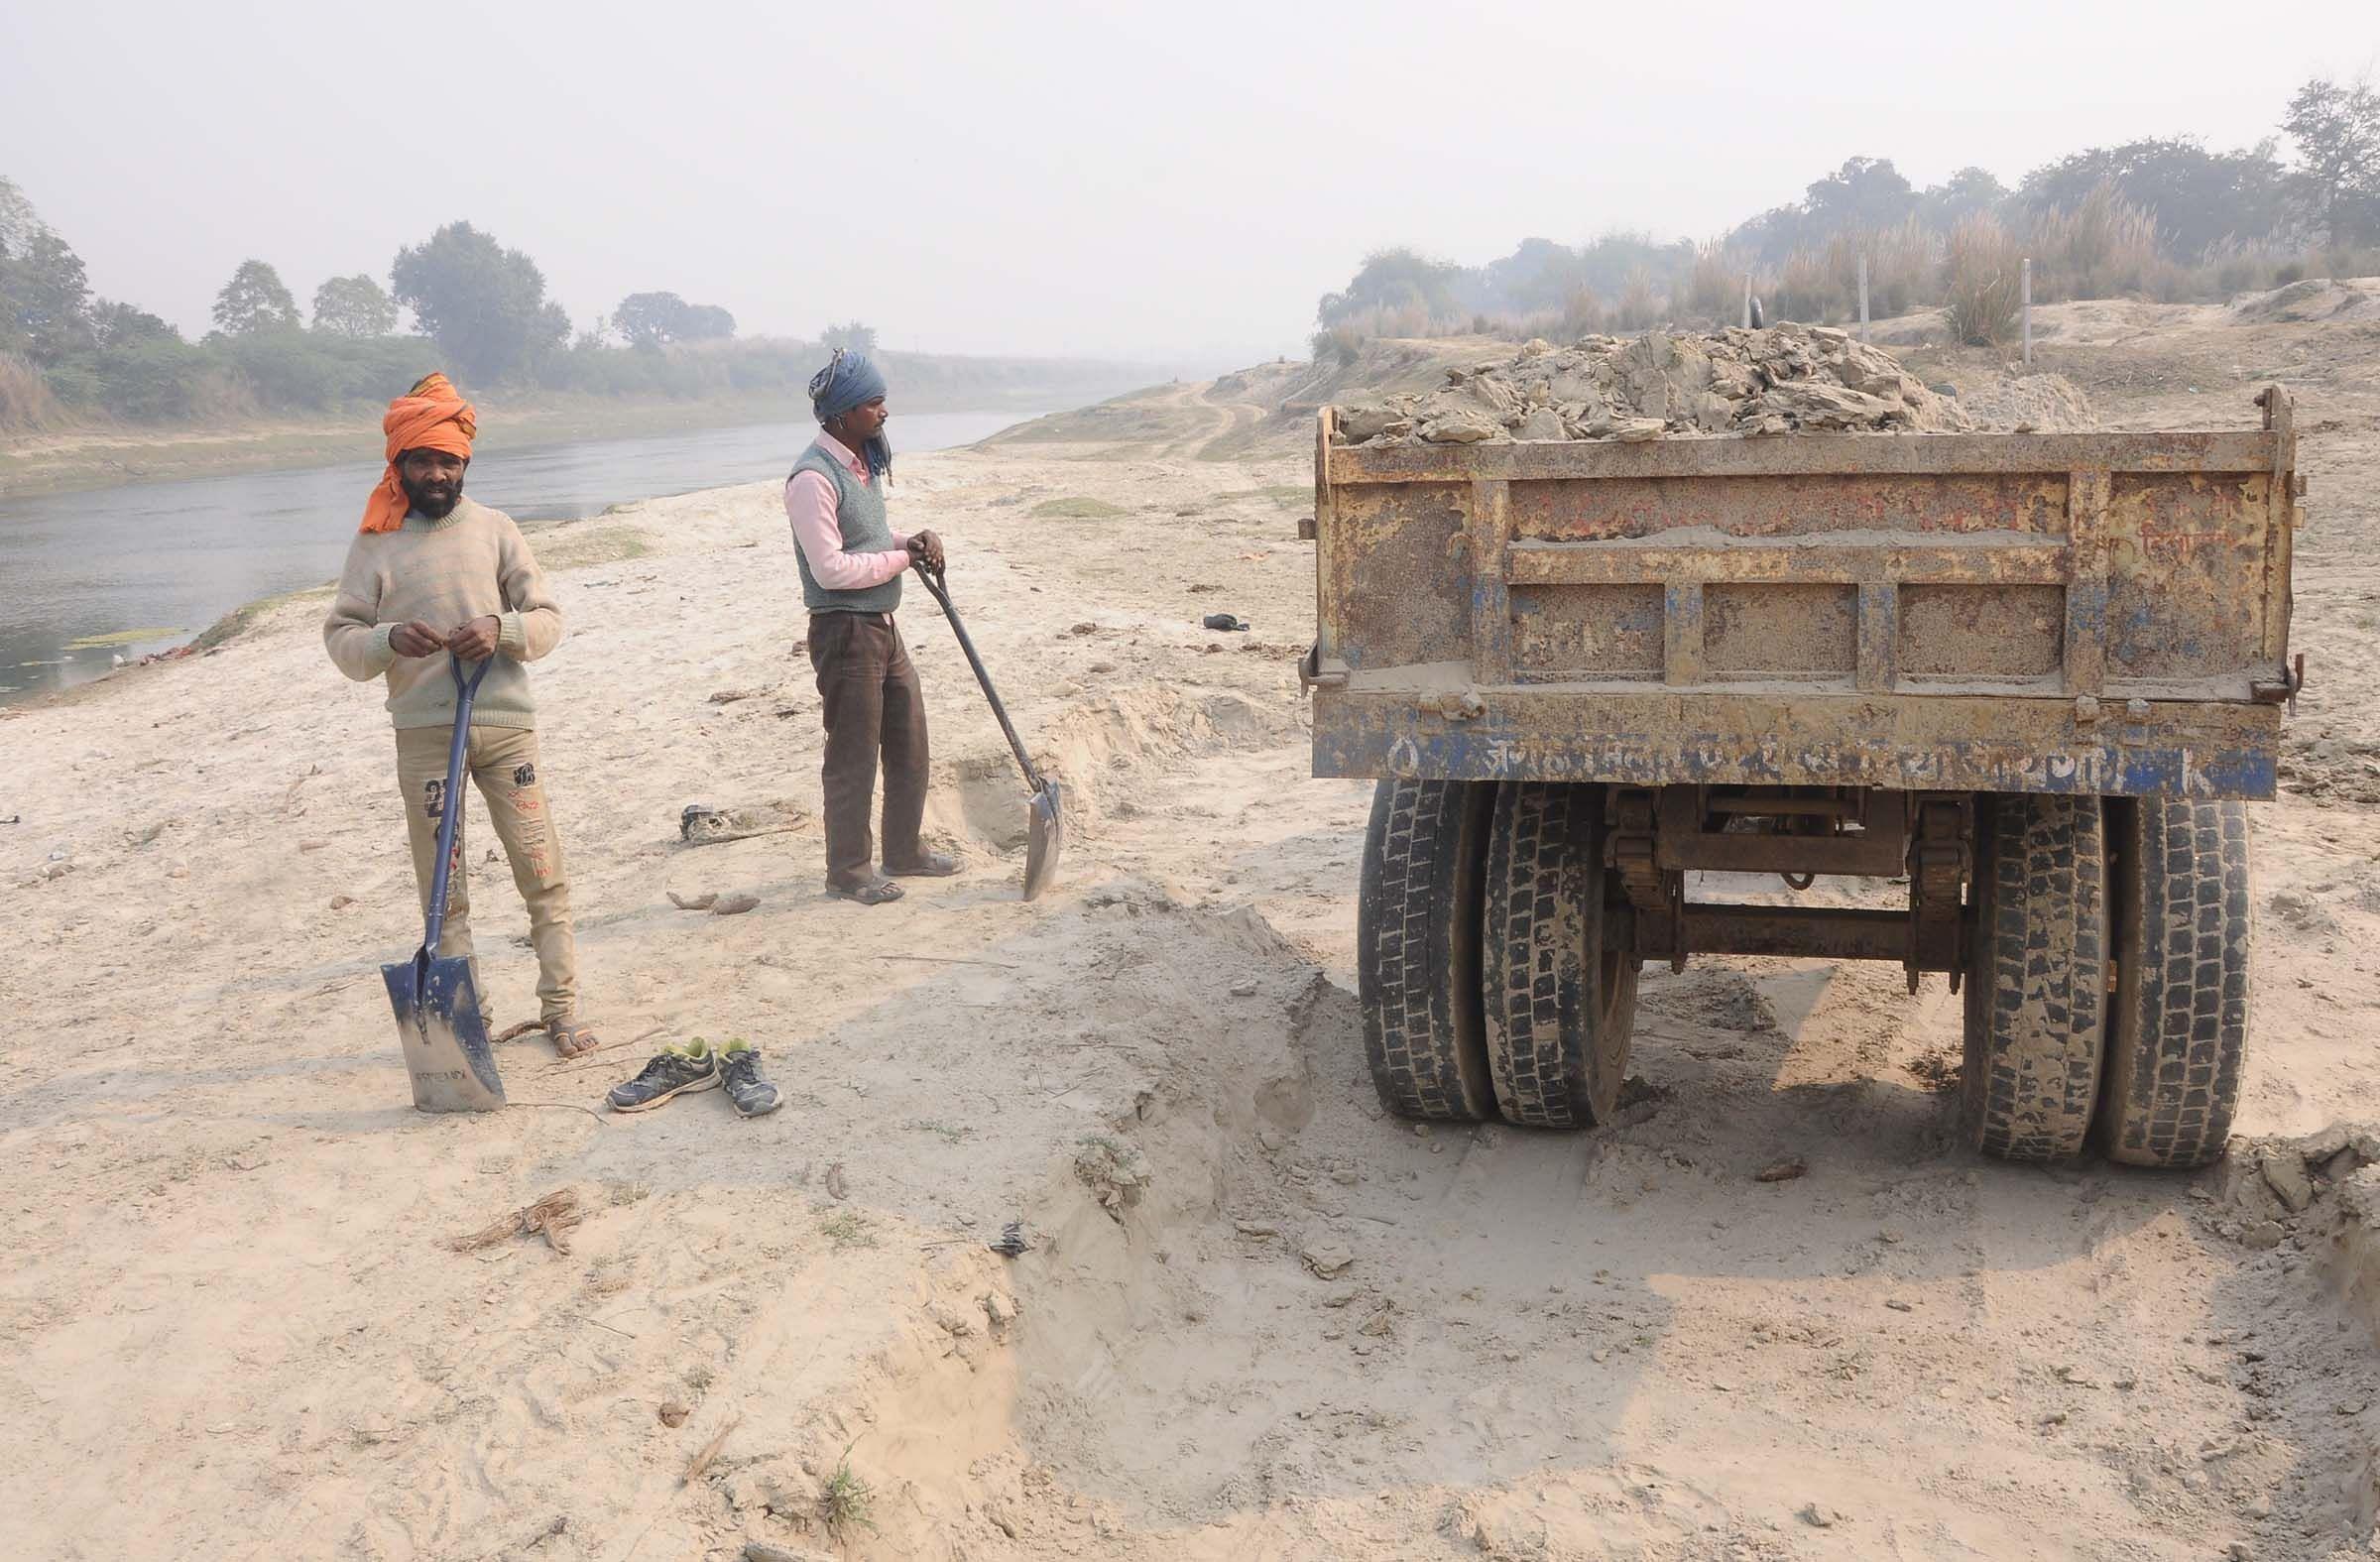 नगर कोतवाली के रेलवे पुल के समीप सई नदी से ट्रैक्टर पर रेत रखते मजदूर।